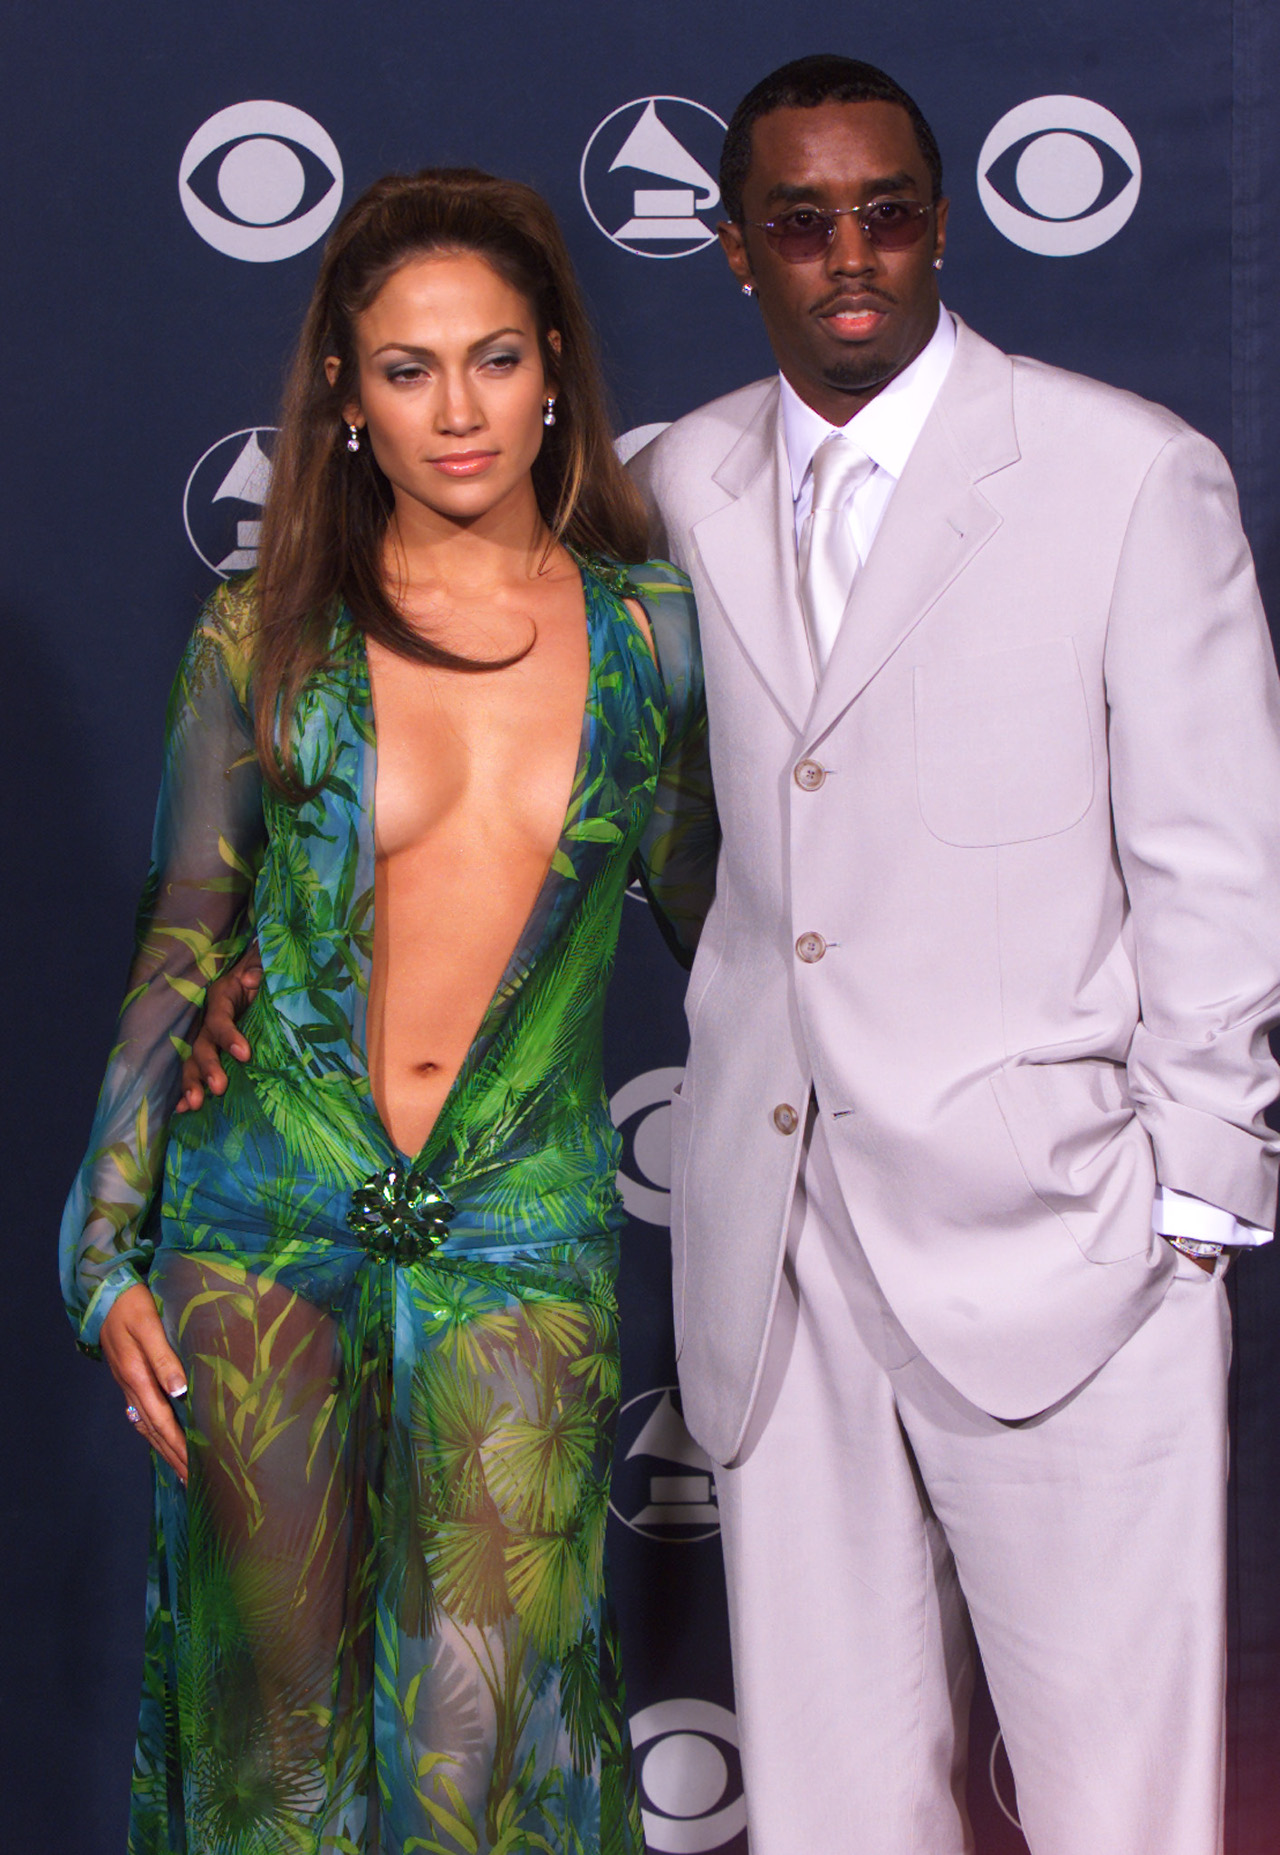 Jennifer Lopez w kultowej sukience od Versace i raper Diddy na czerwonym dywanie.